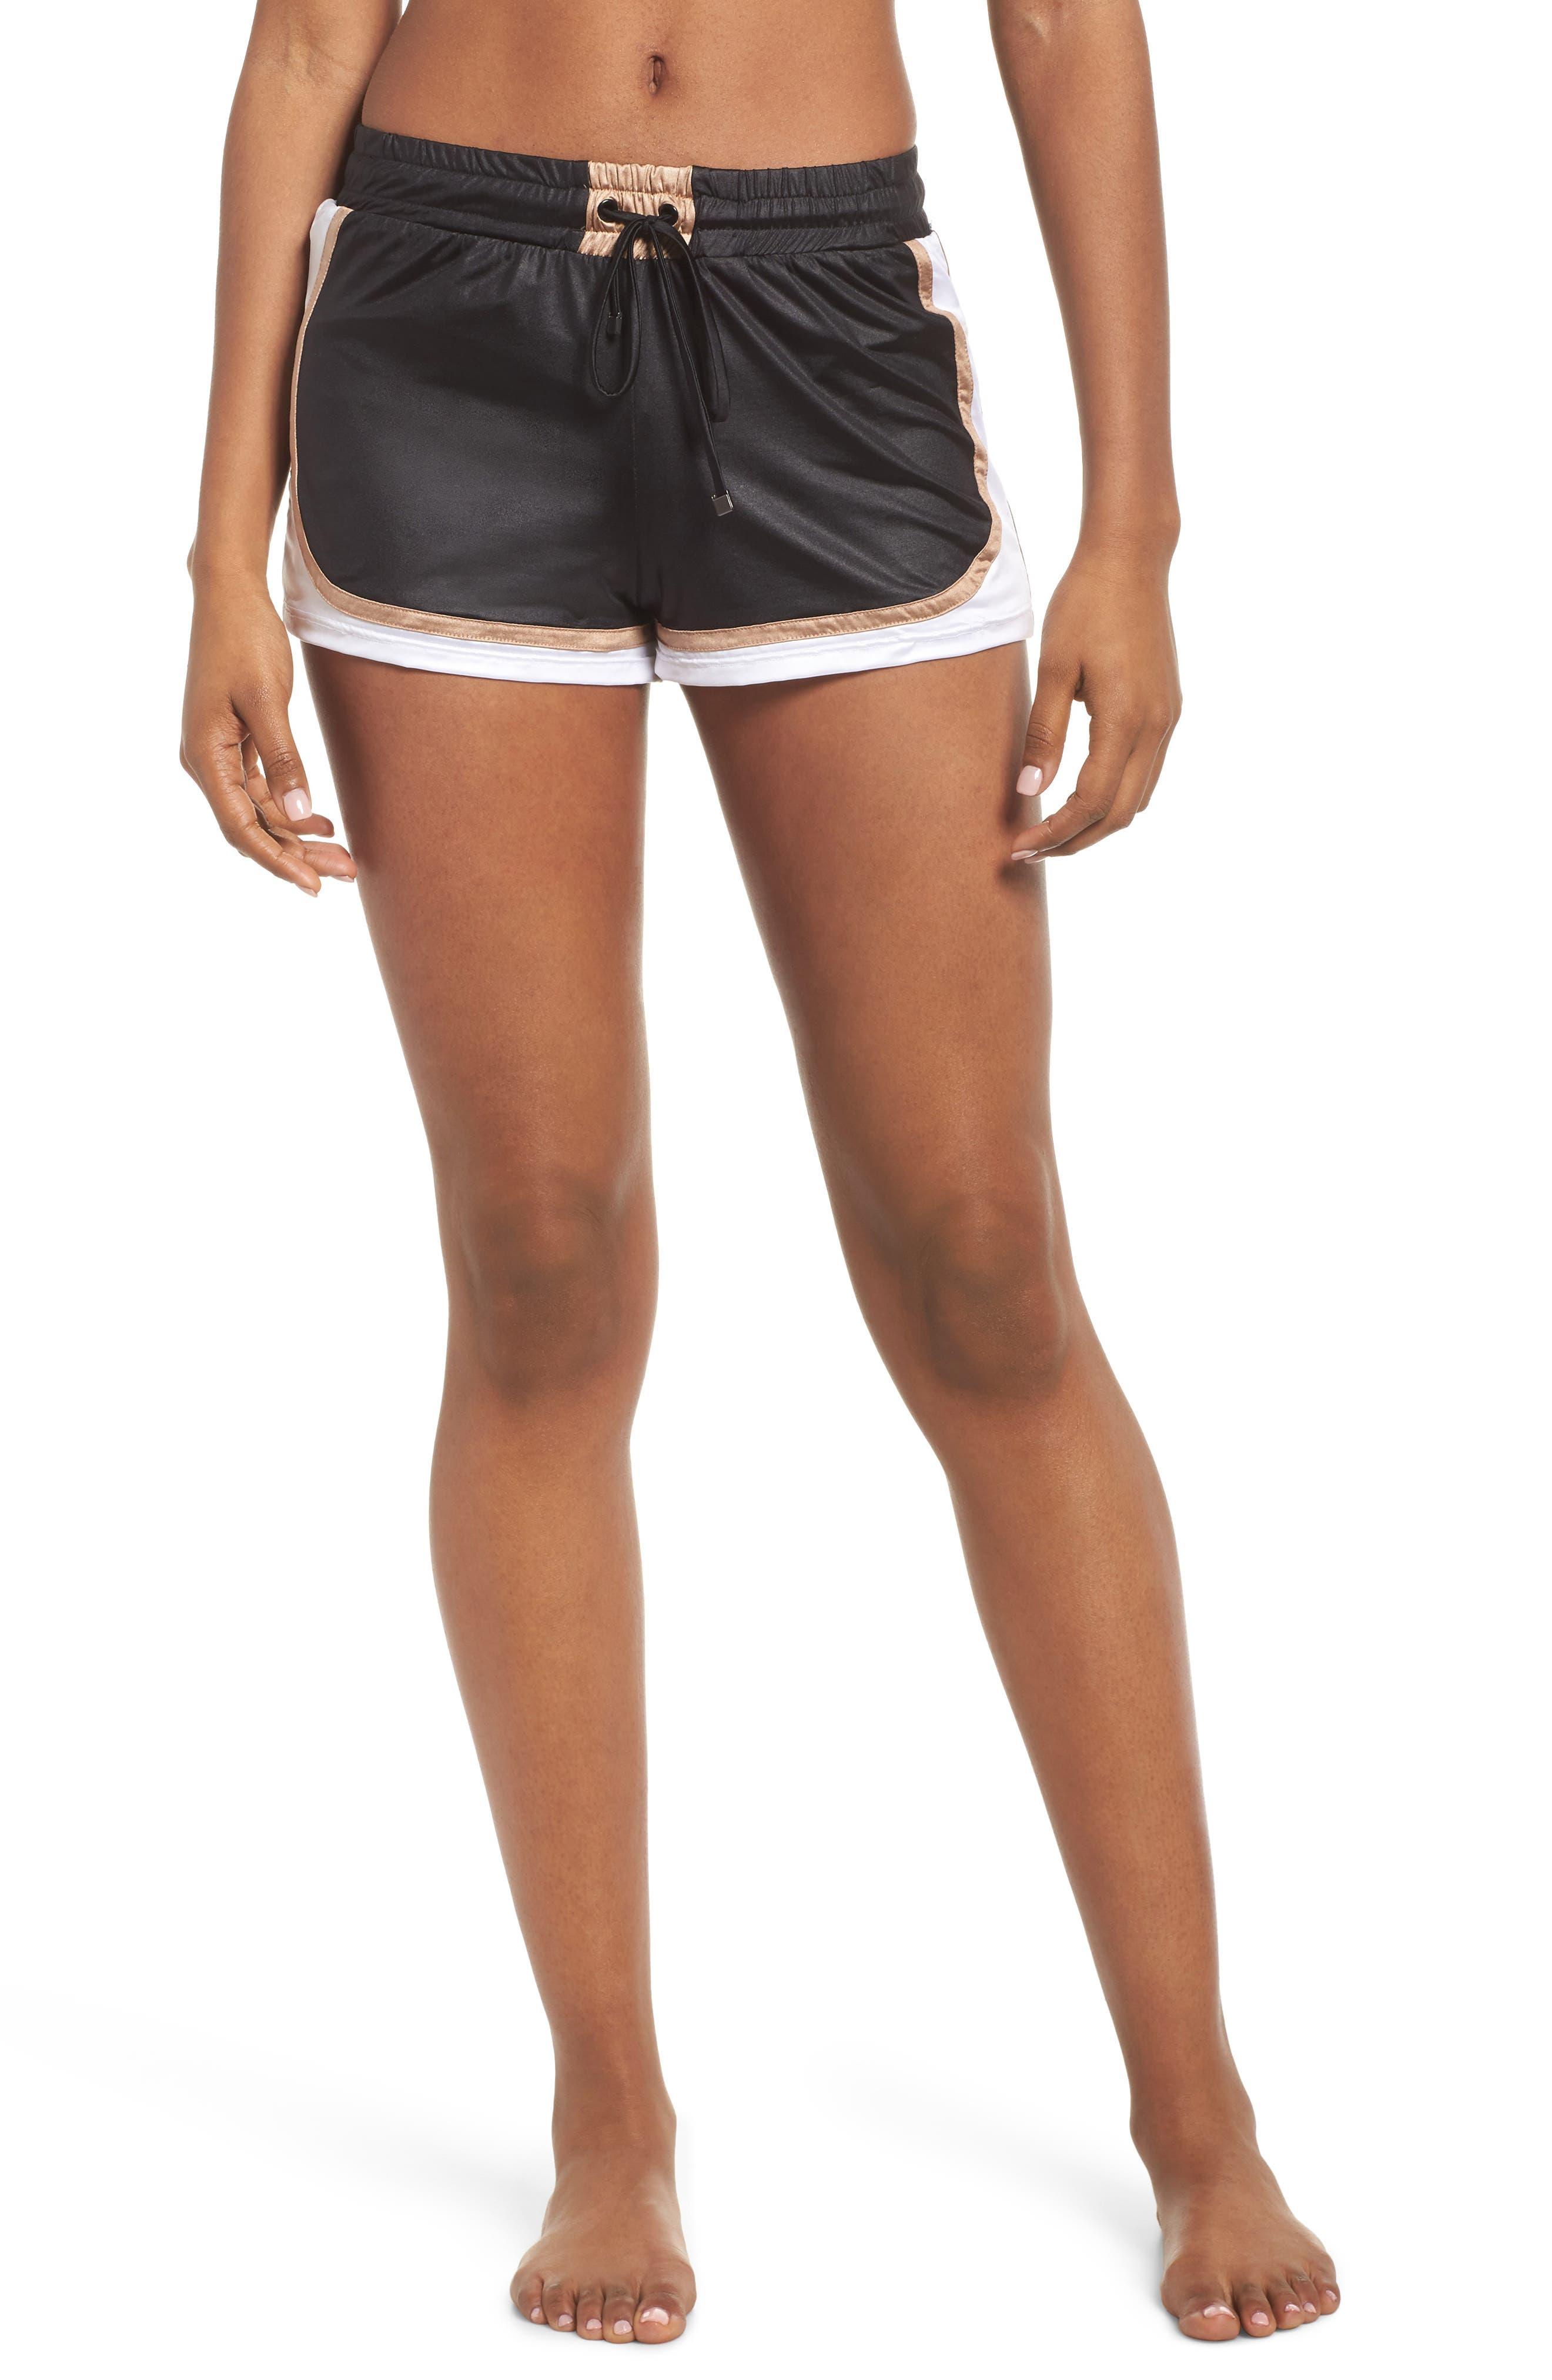 Blackout Shorts, Black/ Nude/ White